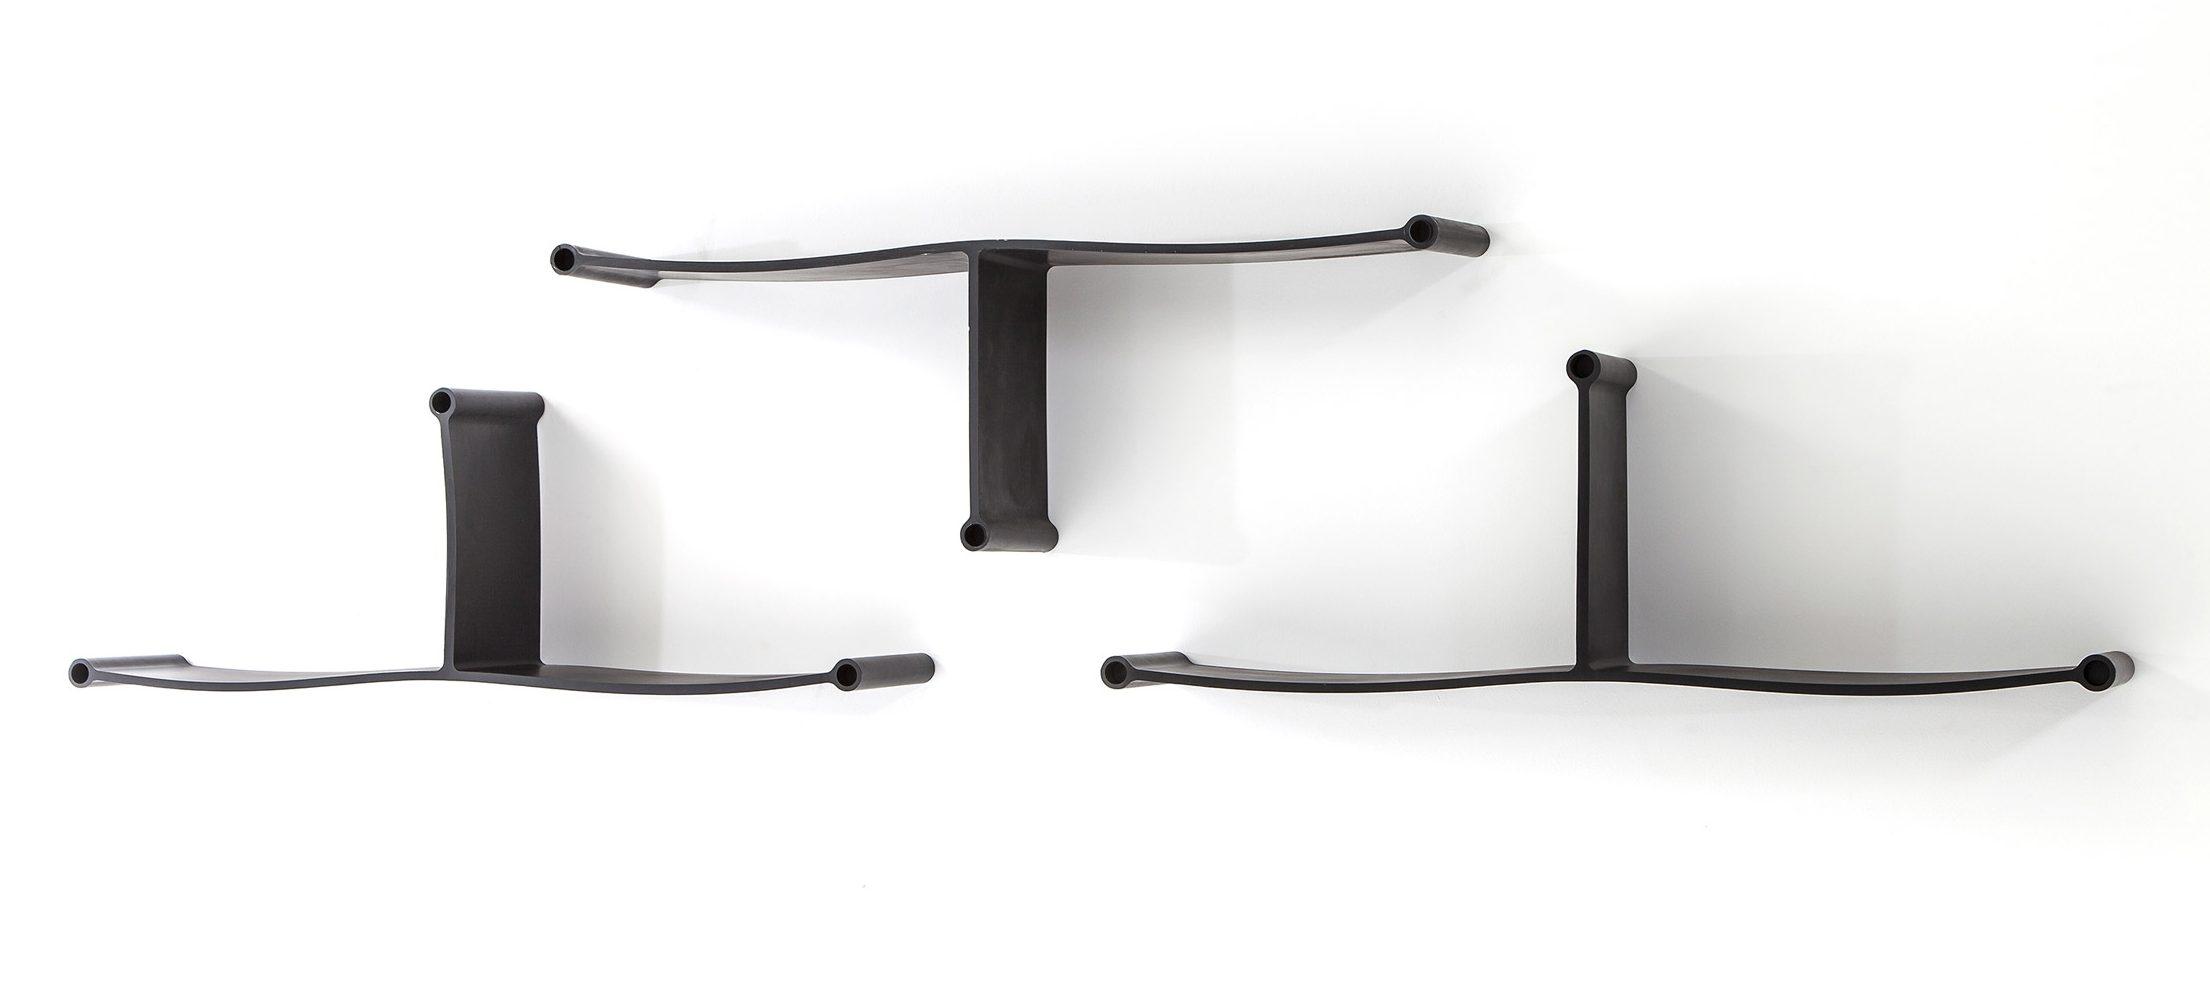 cassina-baleno-ronan-erwan-bouroullec-design-furniture-milan-_dezeen_2364_col_2-e1491322695366